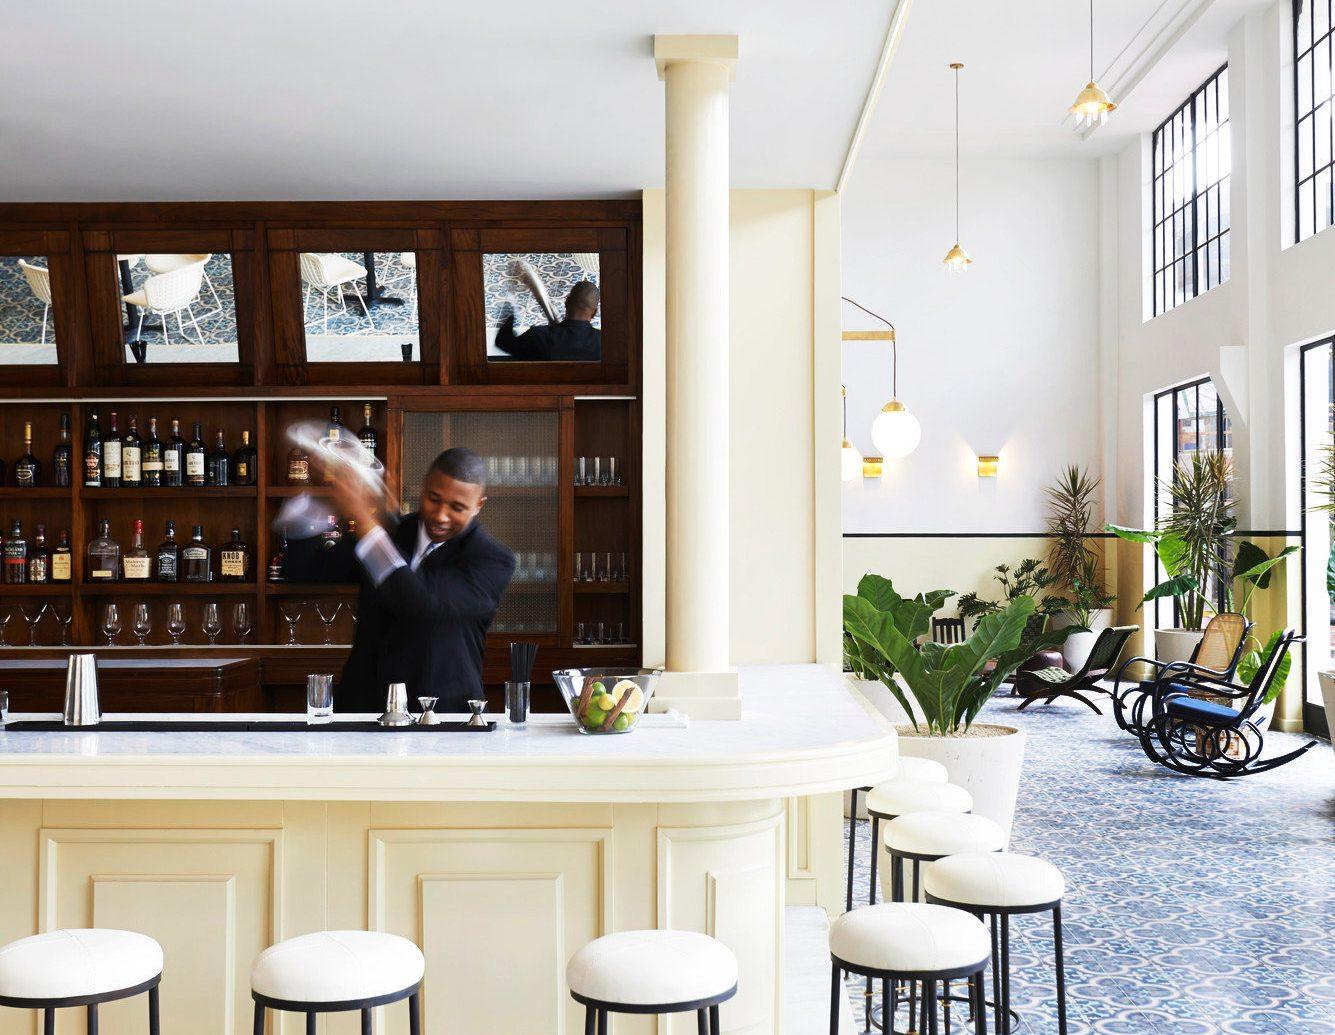 Trip Ideas floor indoor dining room room property home estate interior design living room lighting Design table ceiling real estate restaurant flooring condominium window covering furniture